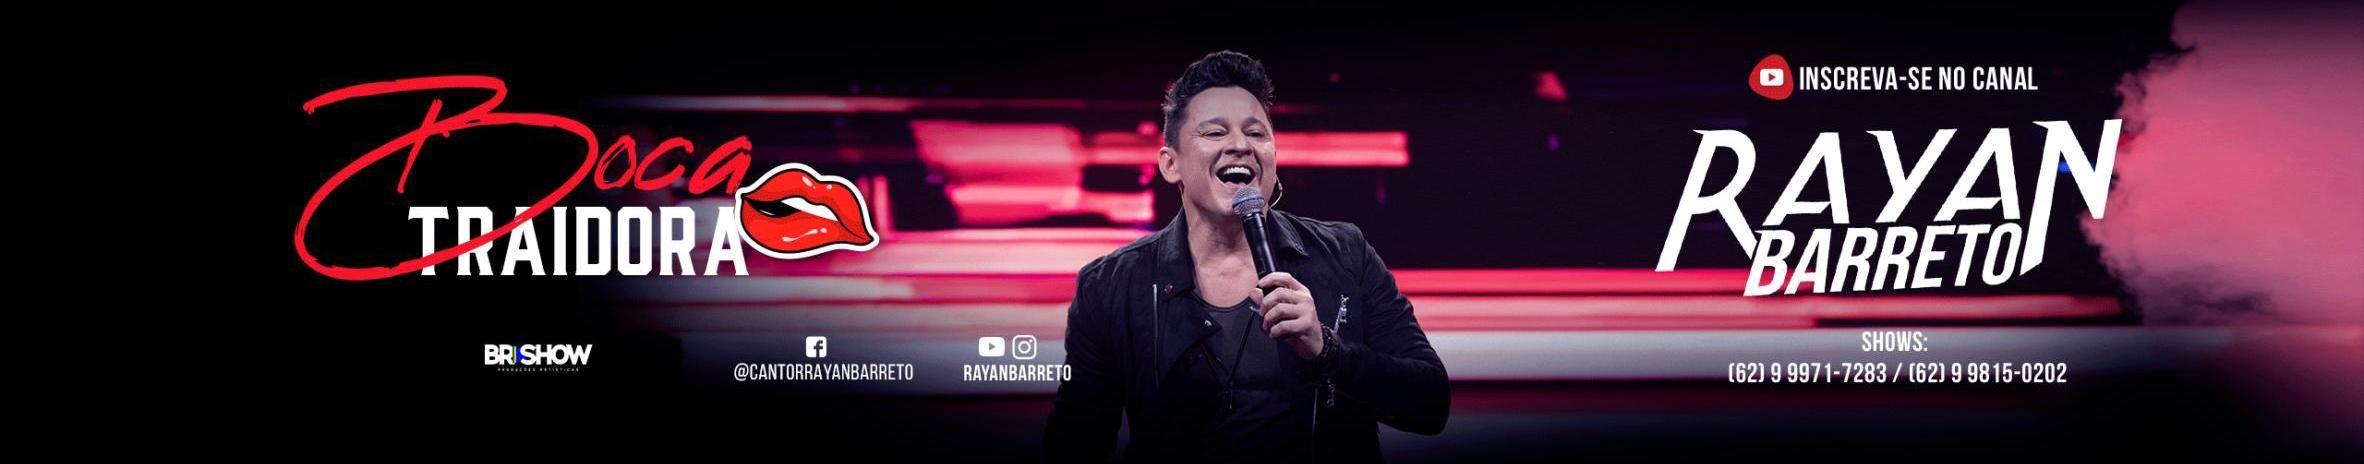 Imagem de capa de Rayan Barreto